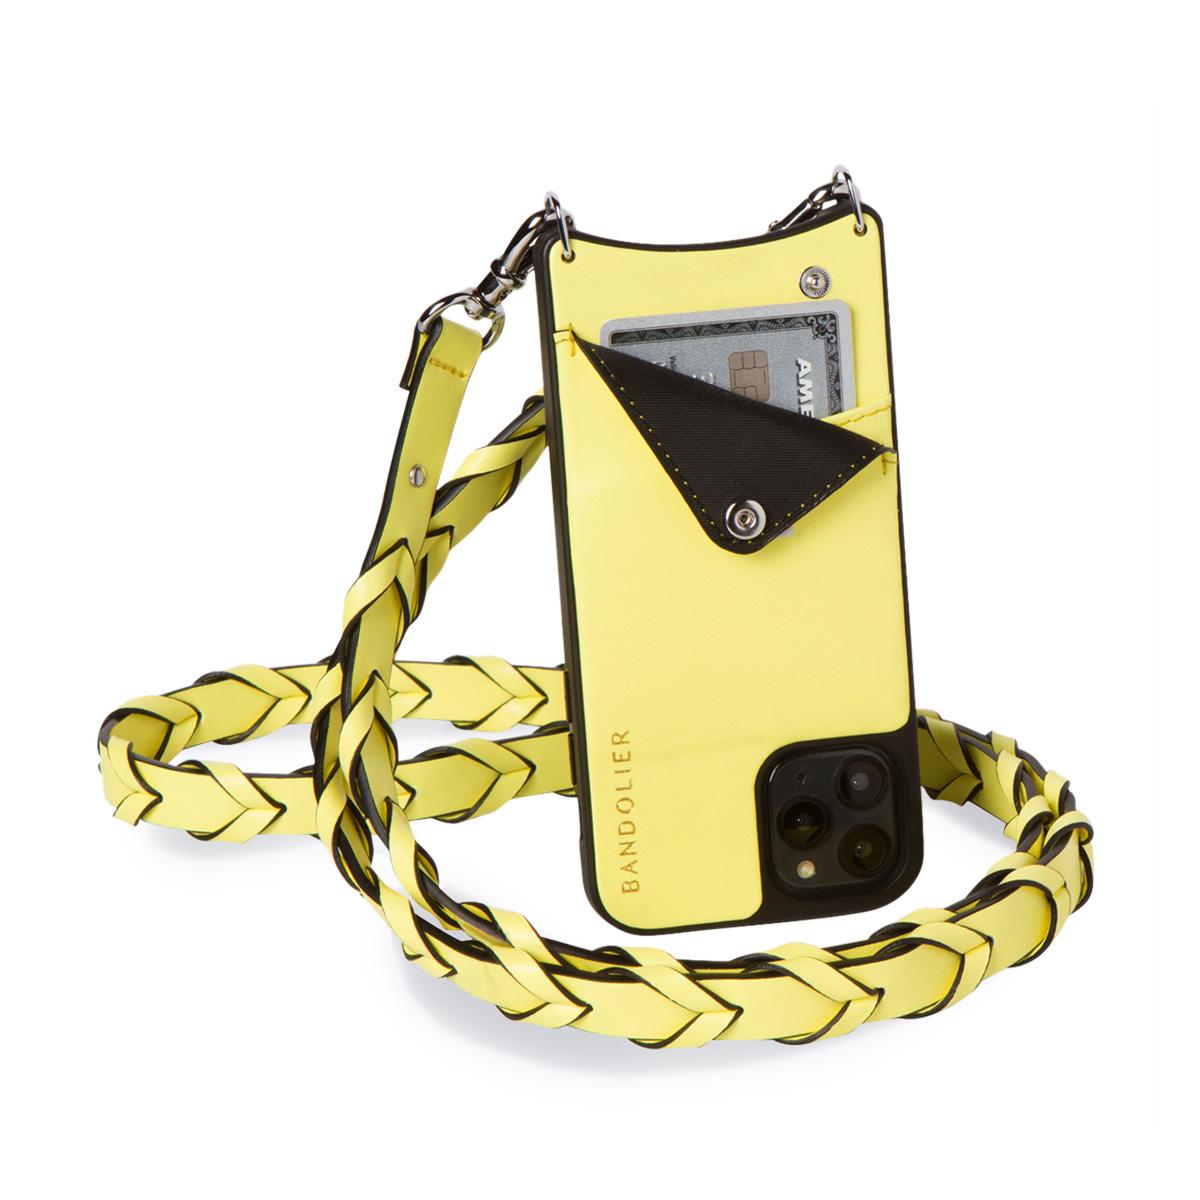 BANDOLIER ZOEY YELLOW バンドリヤー iPhone SE SE2 8 7 6s 6 ケース スマホ 携帯 ショルダー アイフォン メンズ レディース レザー イエロー 10ZOE